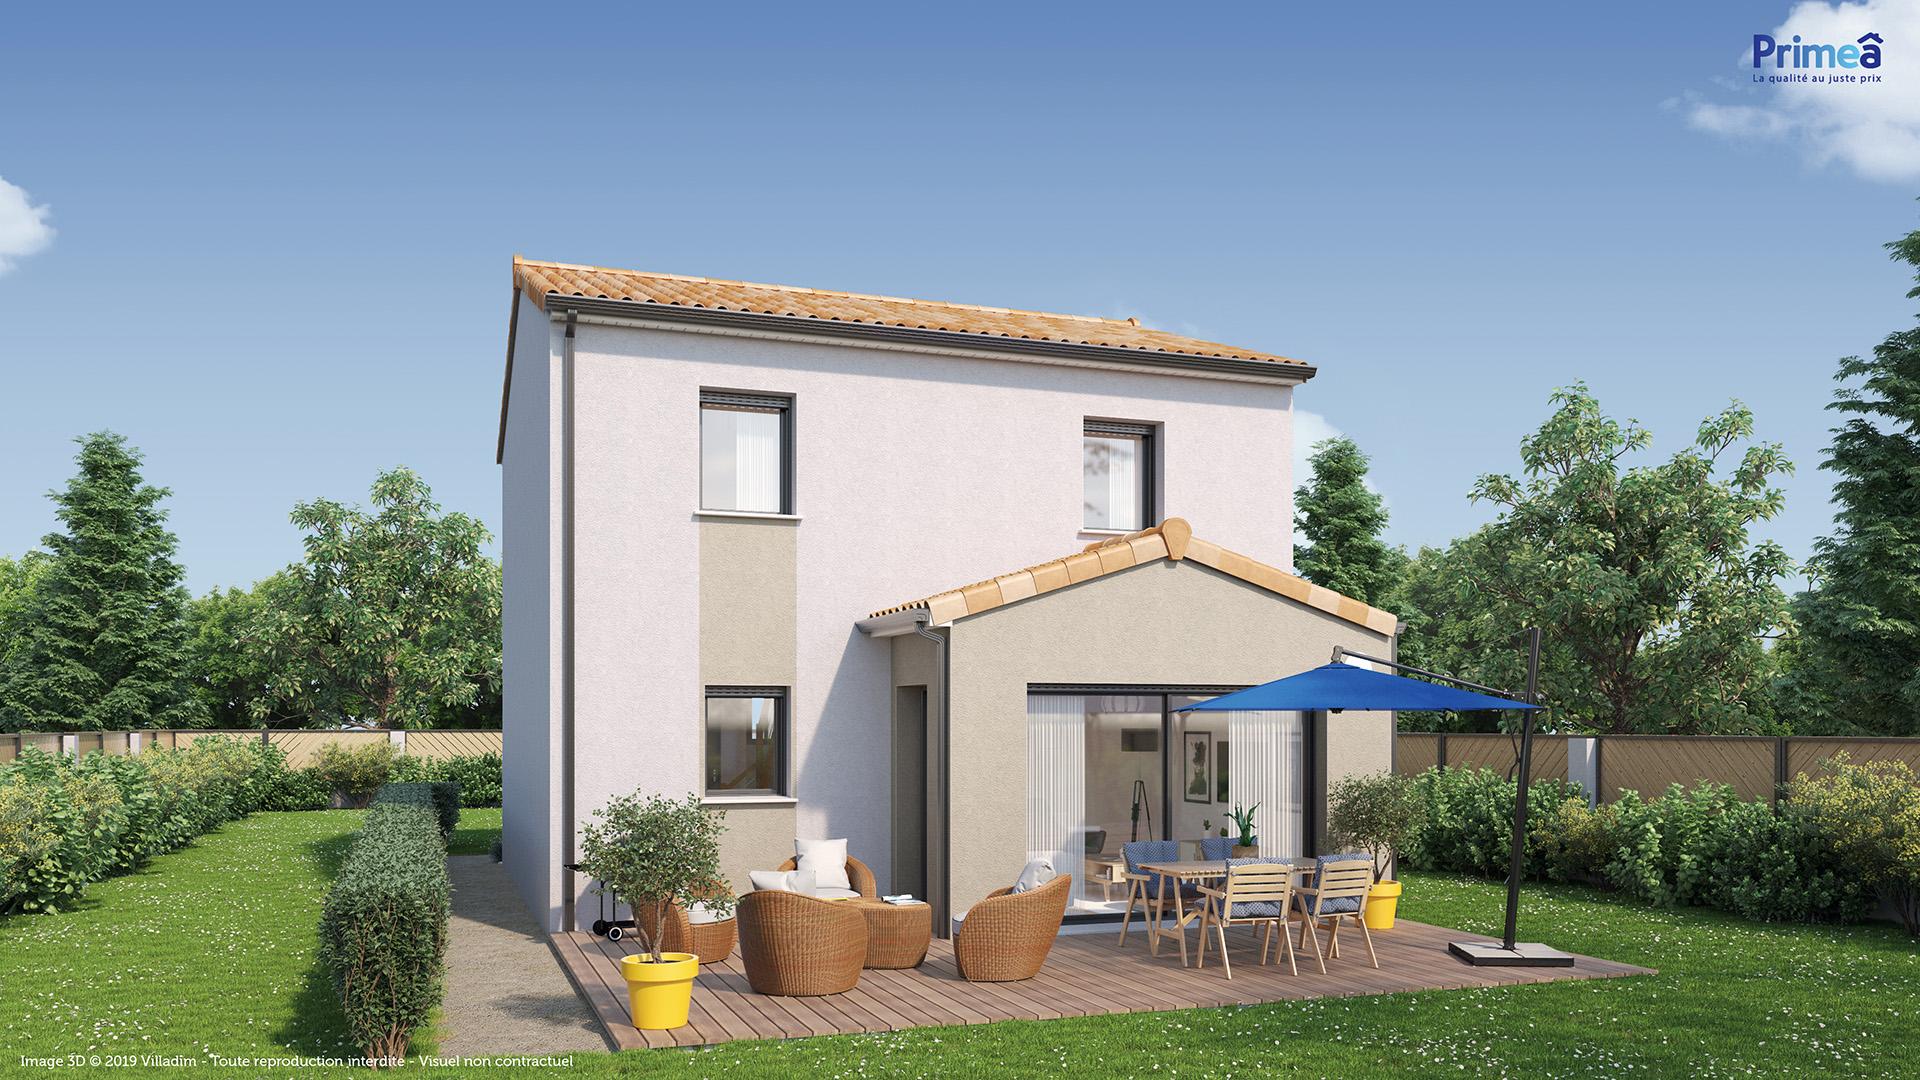 Maison à vendre à Azay-le-Rideau